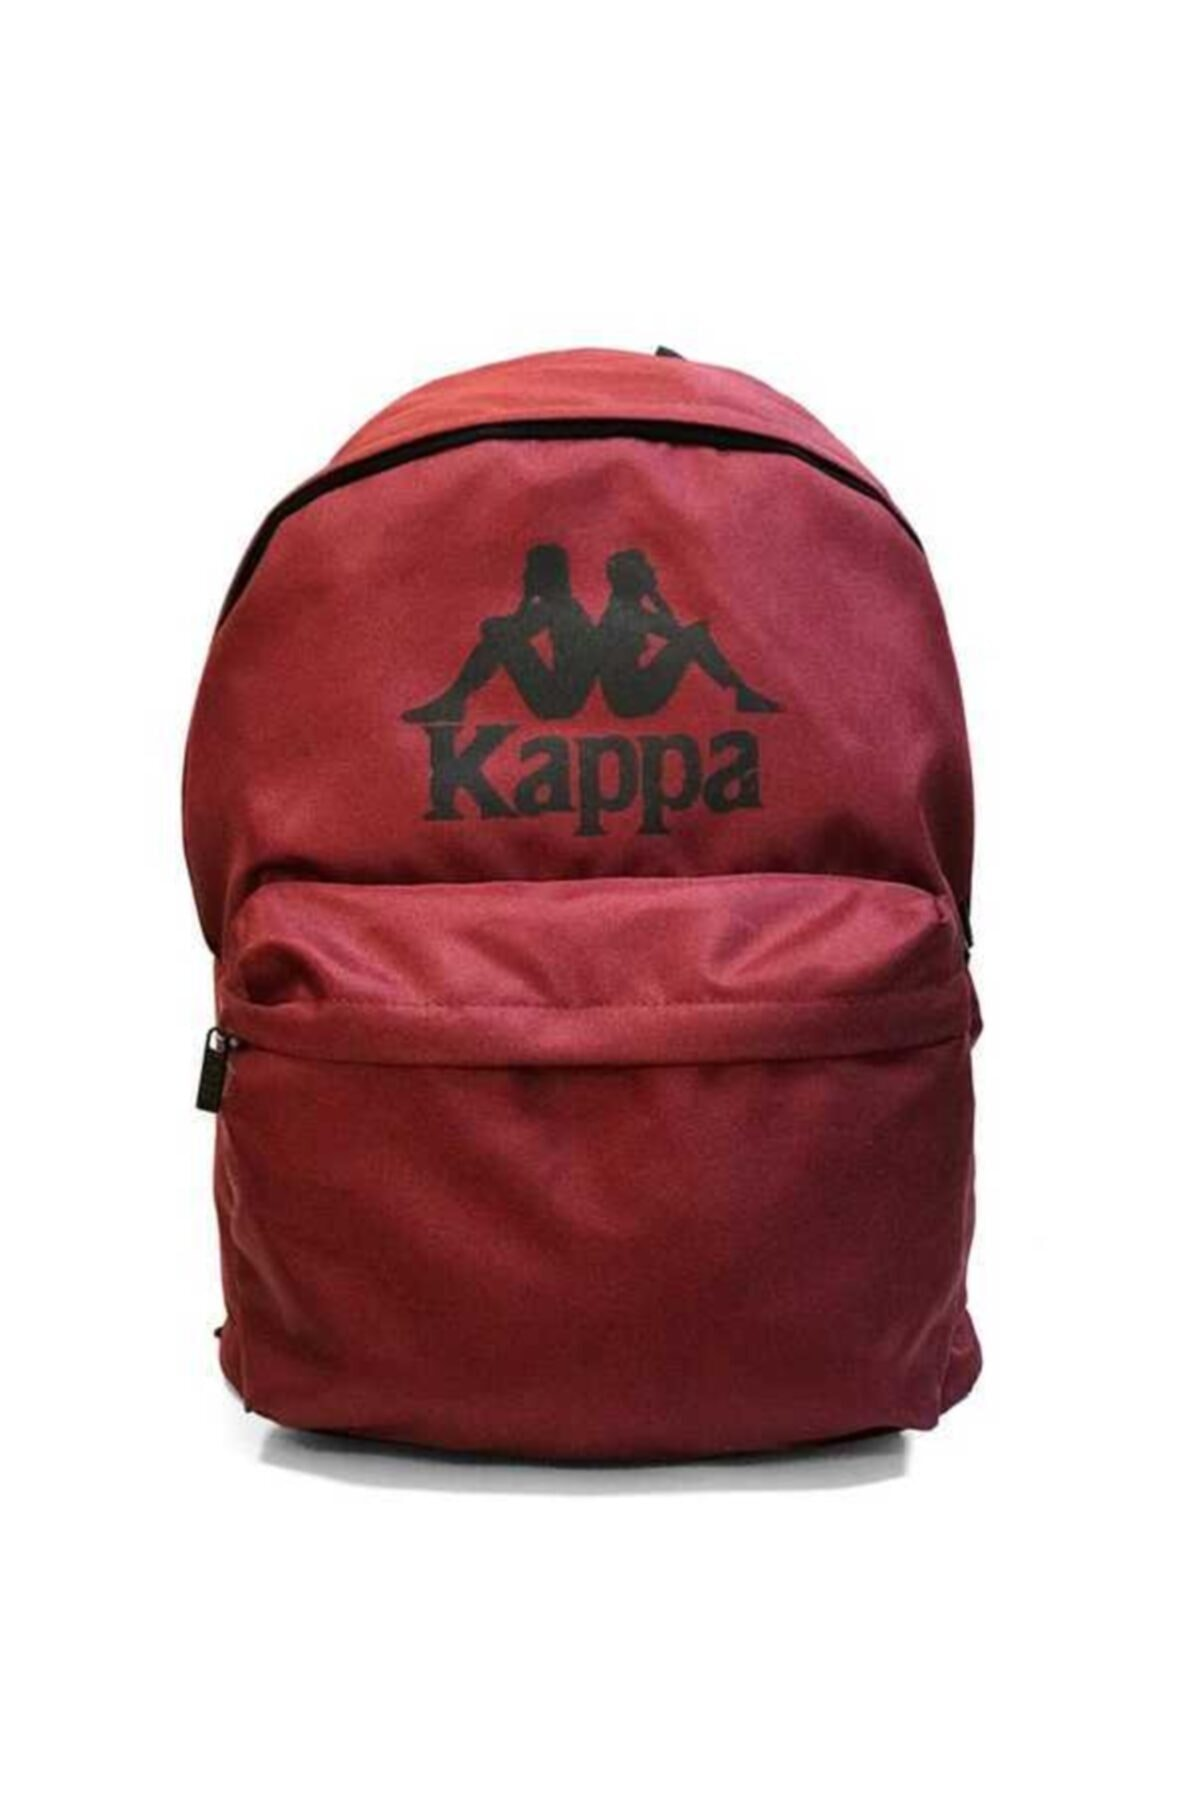 Kappa Basıc Bordo Sırt Çantası 1